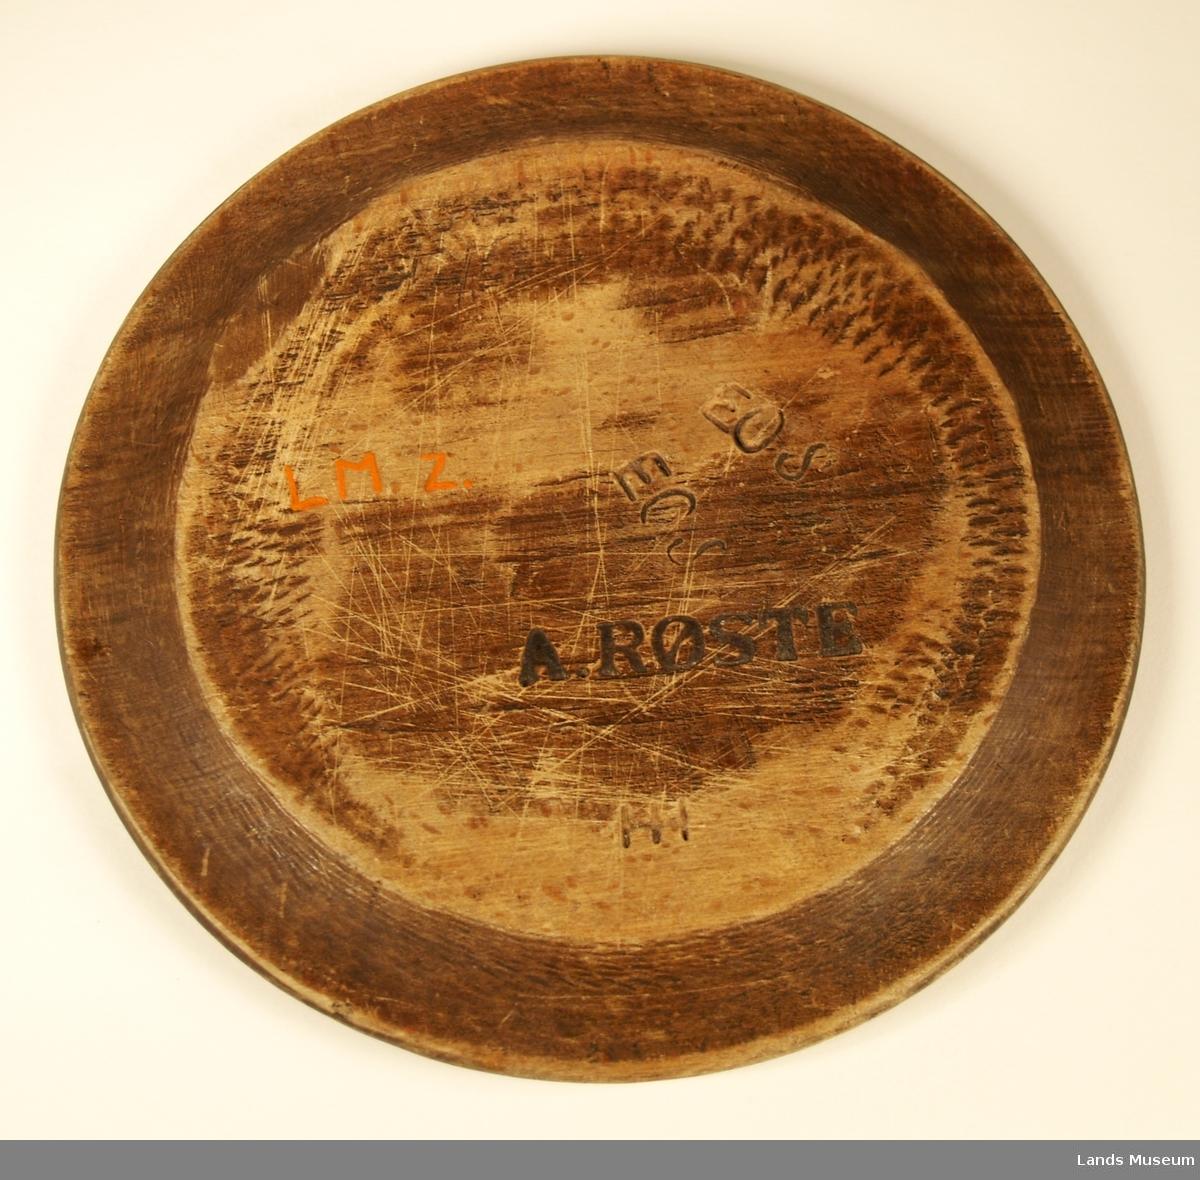 Alle merker på undersiden, hvor tallerkenen er mørkere. På forsiden rundt kanten er en nedskåret stripe ca. 2-3 mm inn på kanten.